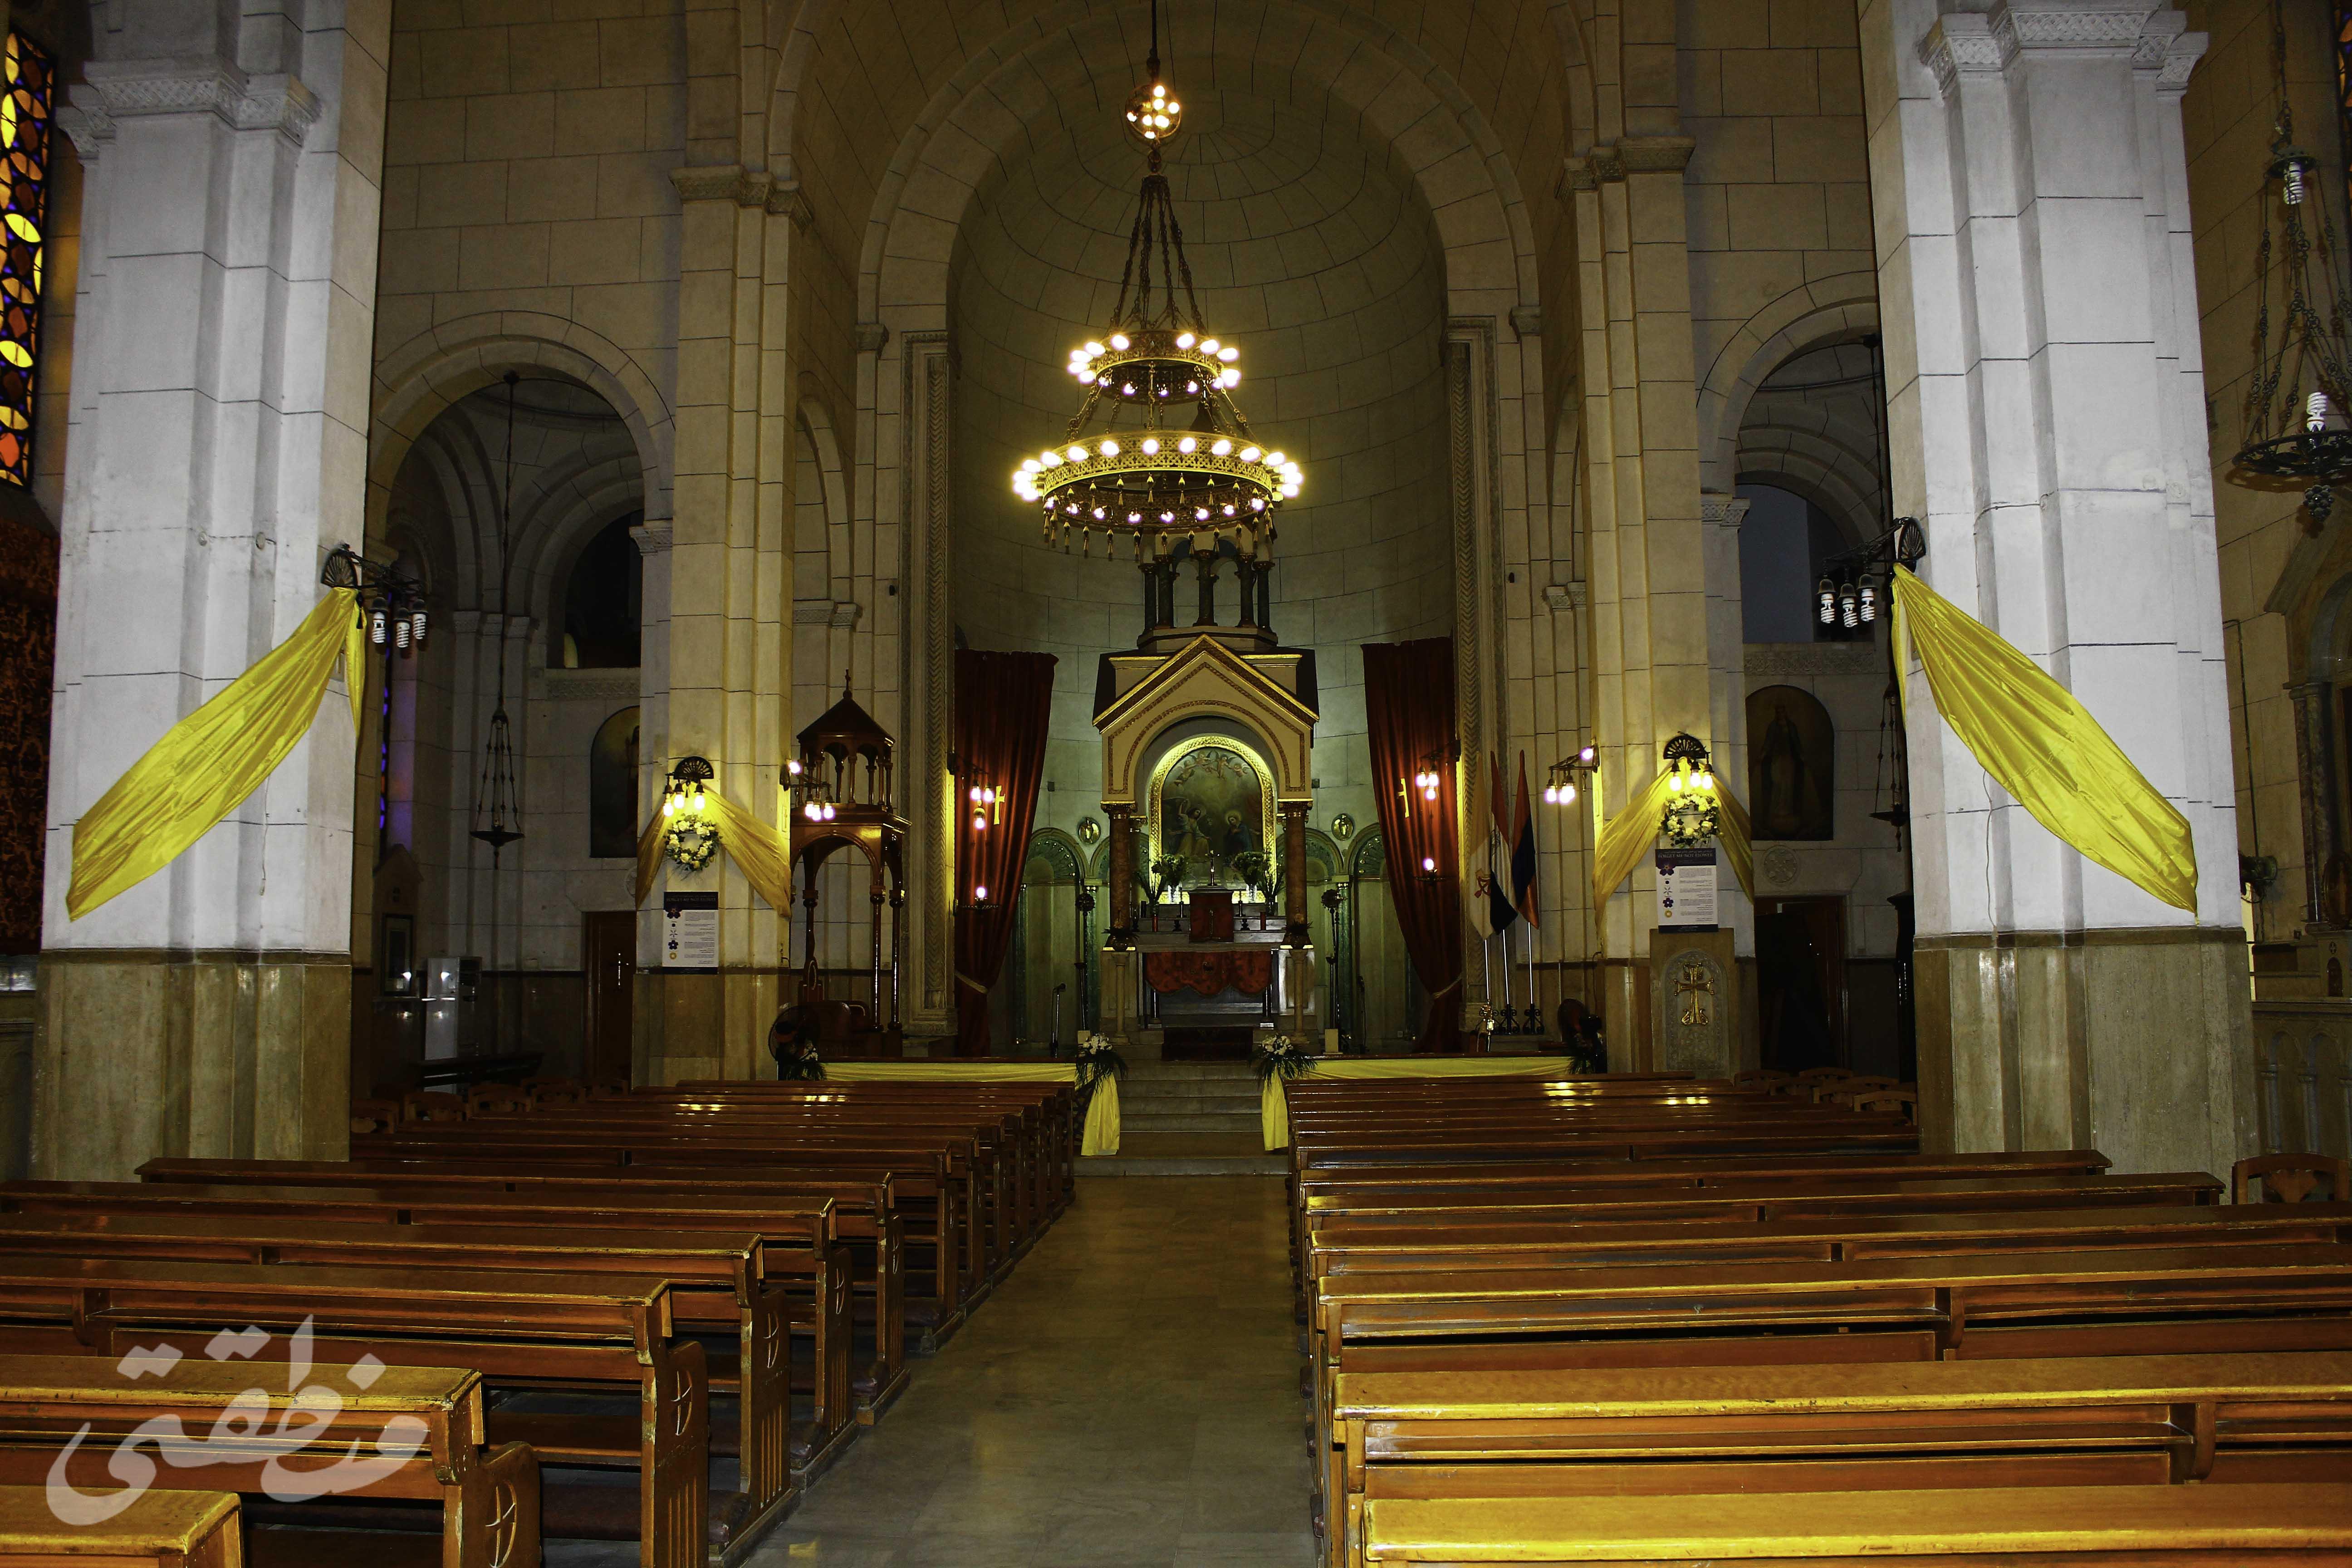 بطريركية الأرمن الكاثوليك من الداخل - تصوير - صديق البخشونجي